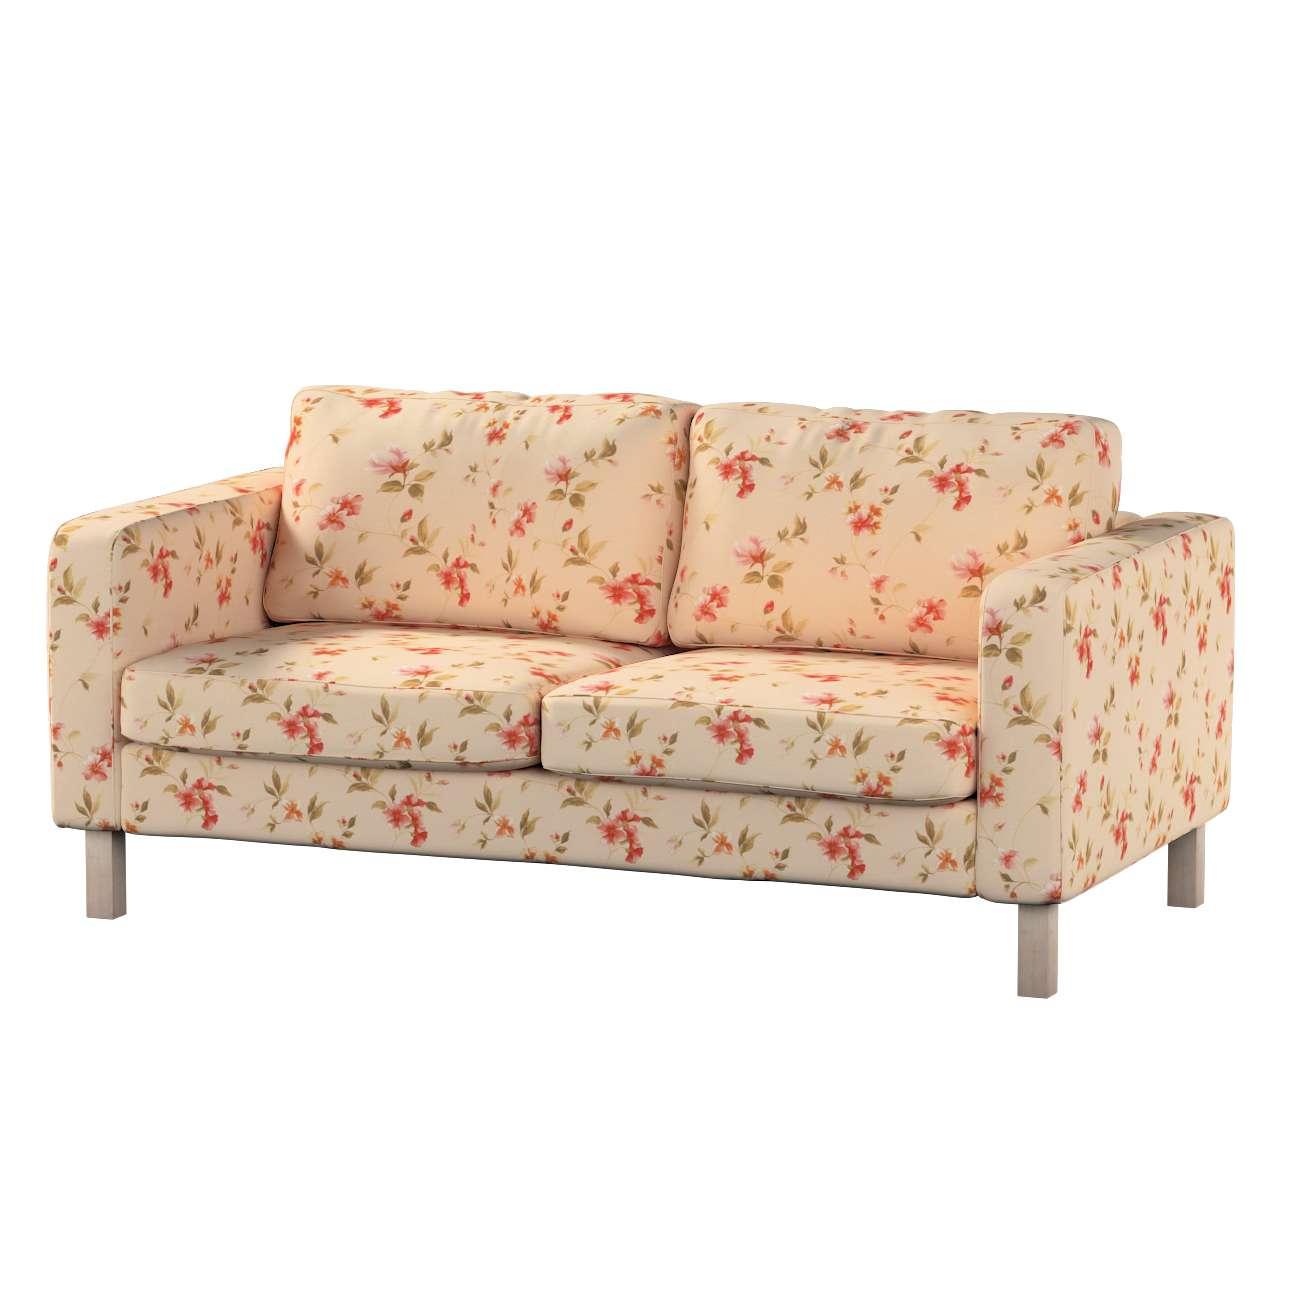 Karlstad 2-Sitzer Sofabezug nicht ausklappbar Sofahusse, Karlstad 2-Sitzer von der Kollektion Londres, Stoff: 124-05